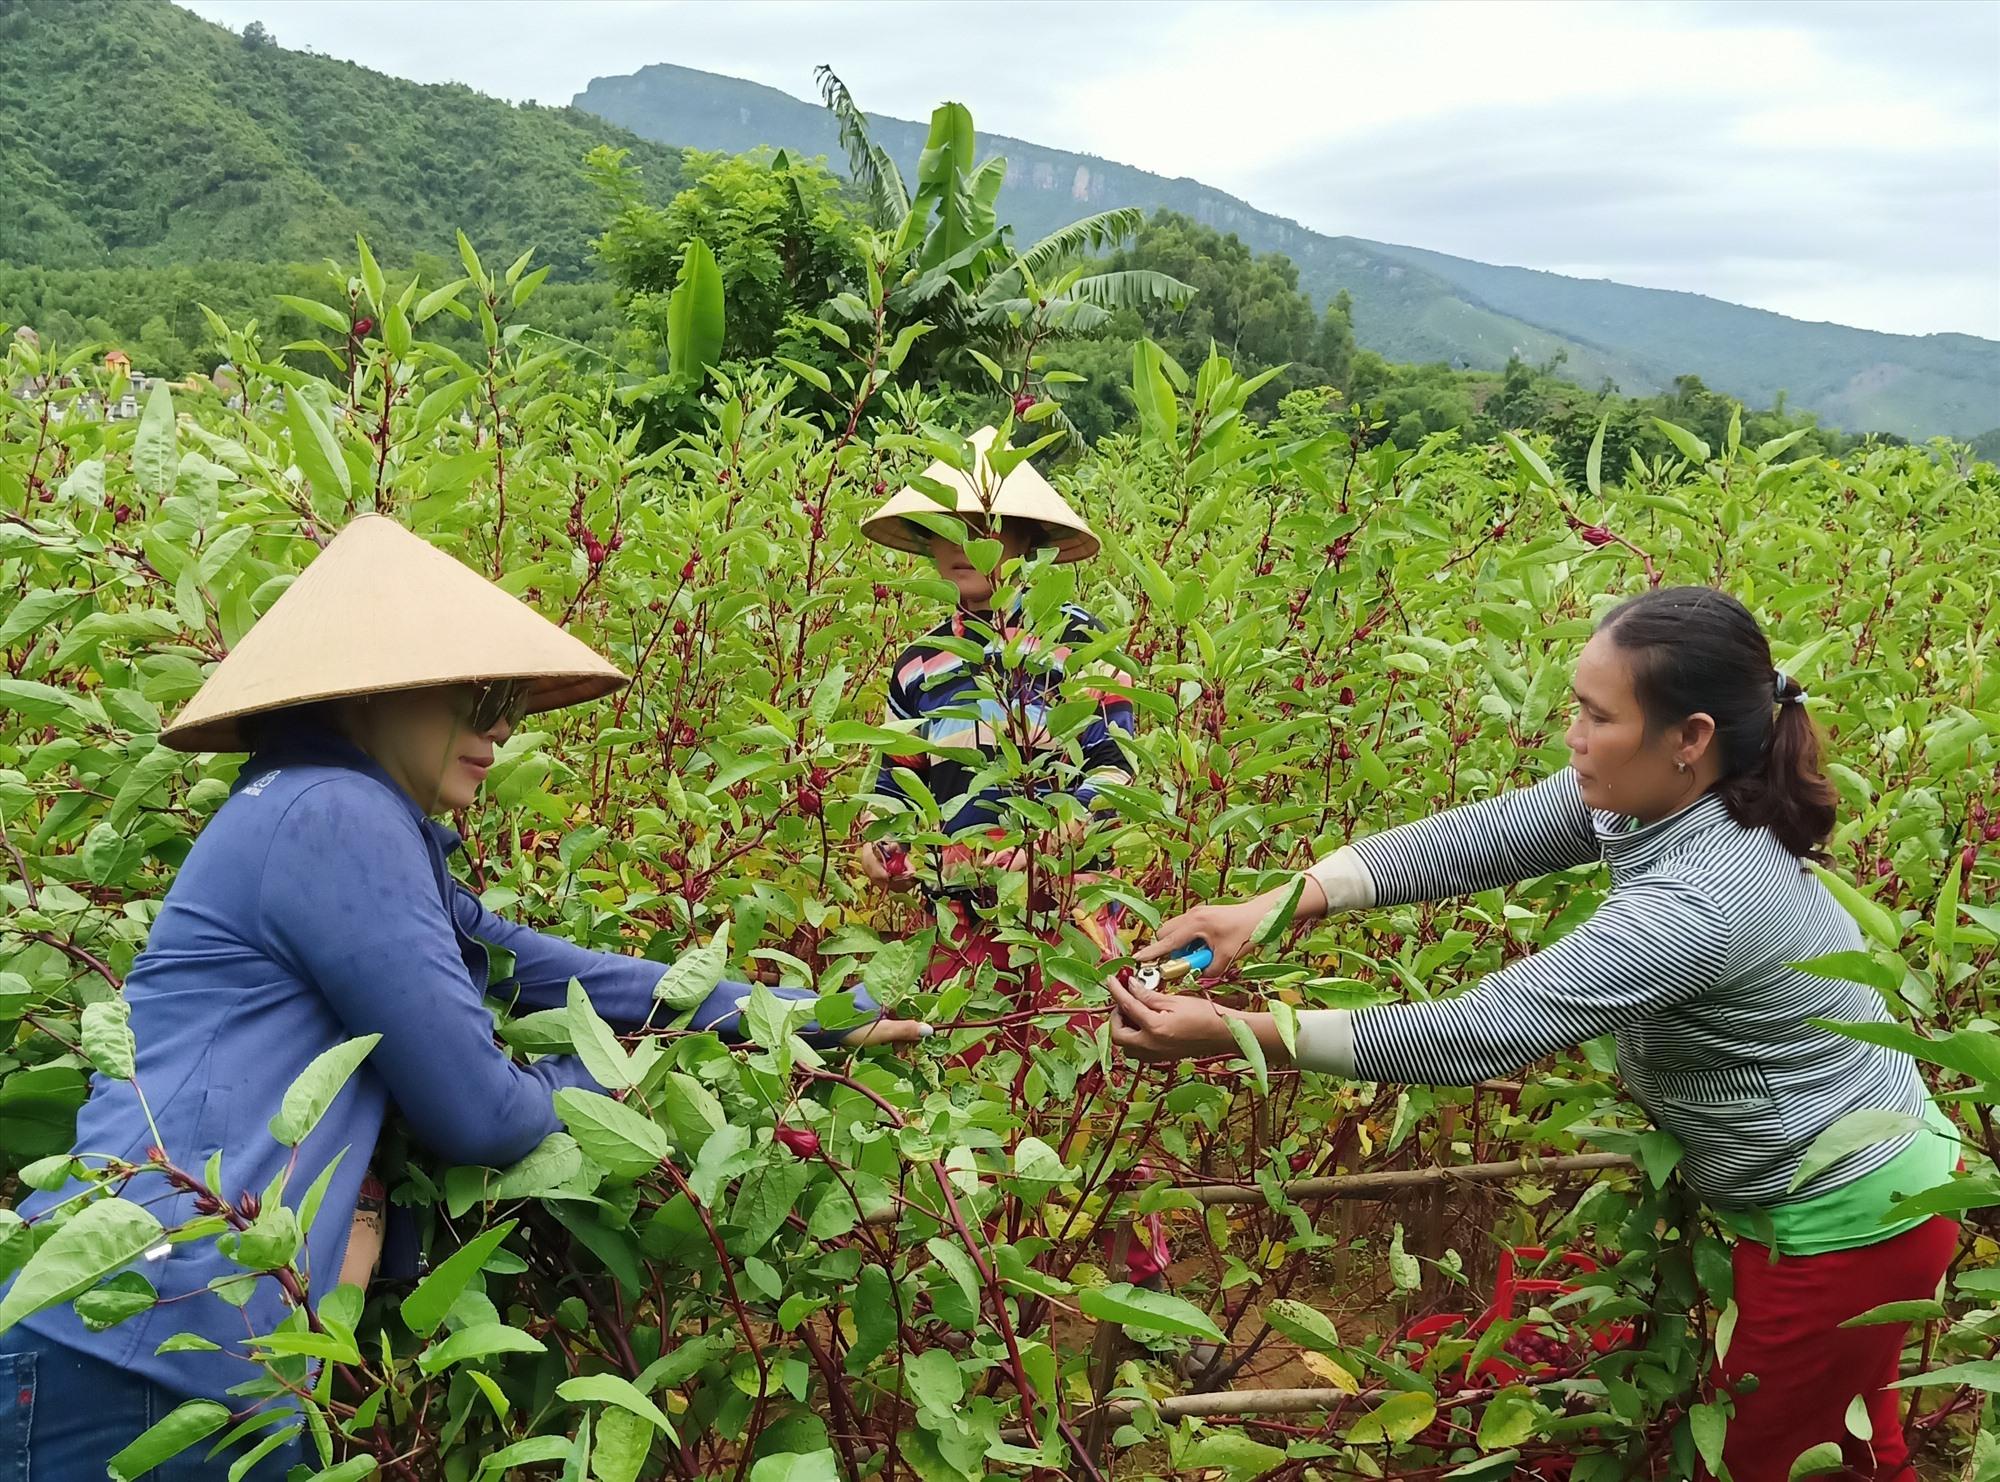 Trồng atiso cho hiệu quả kinh tế trên đất Đại Bình, Nông Sơn. Ảnh: HOÀNG LIÊN